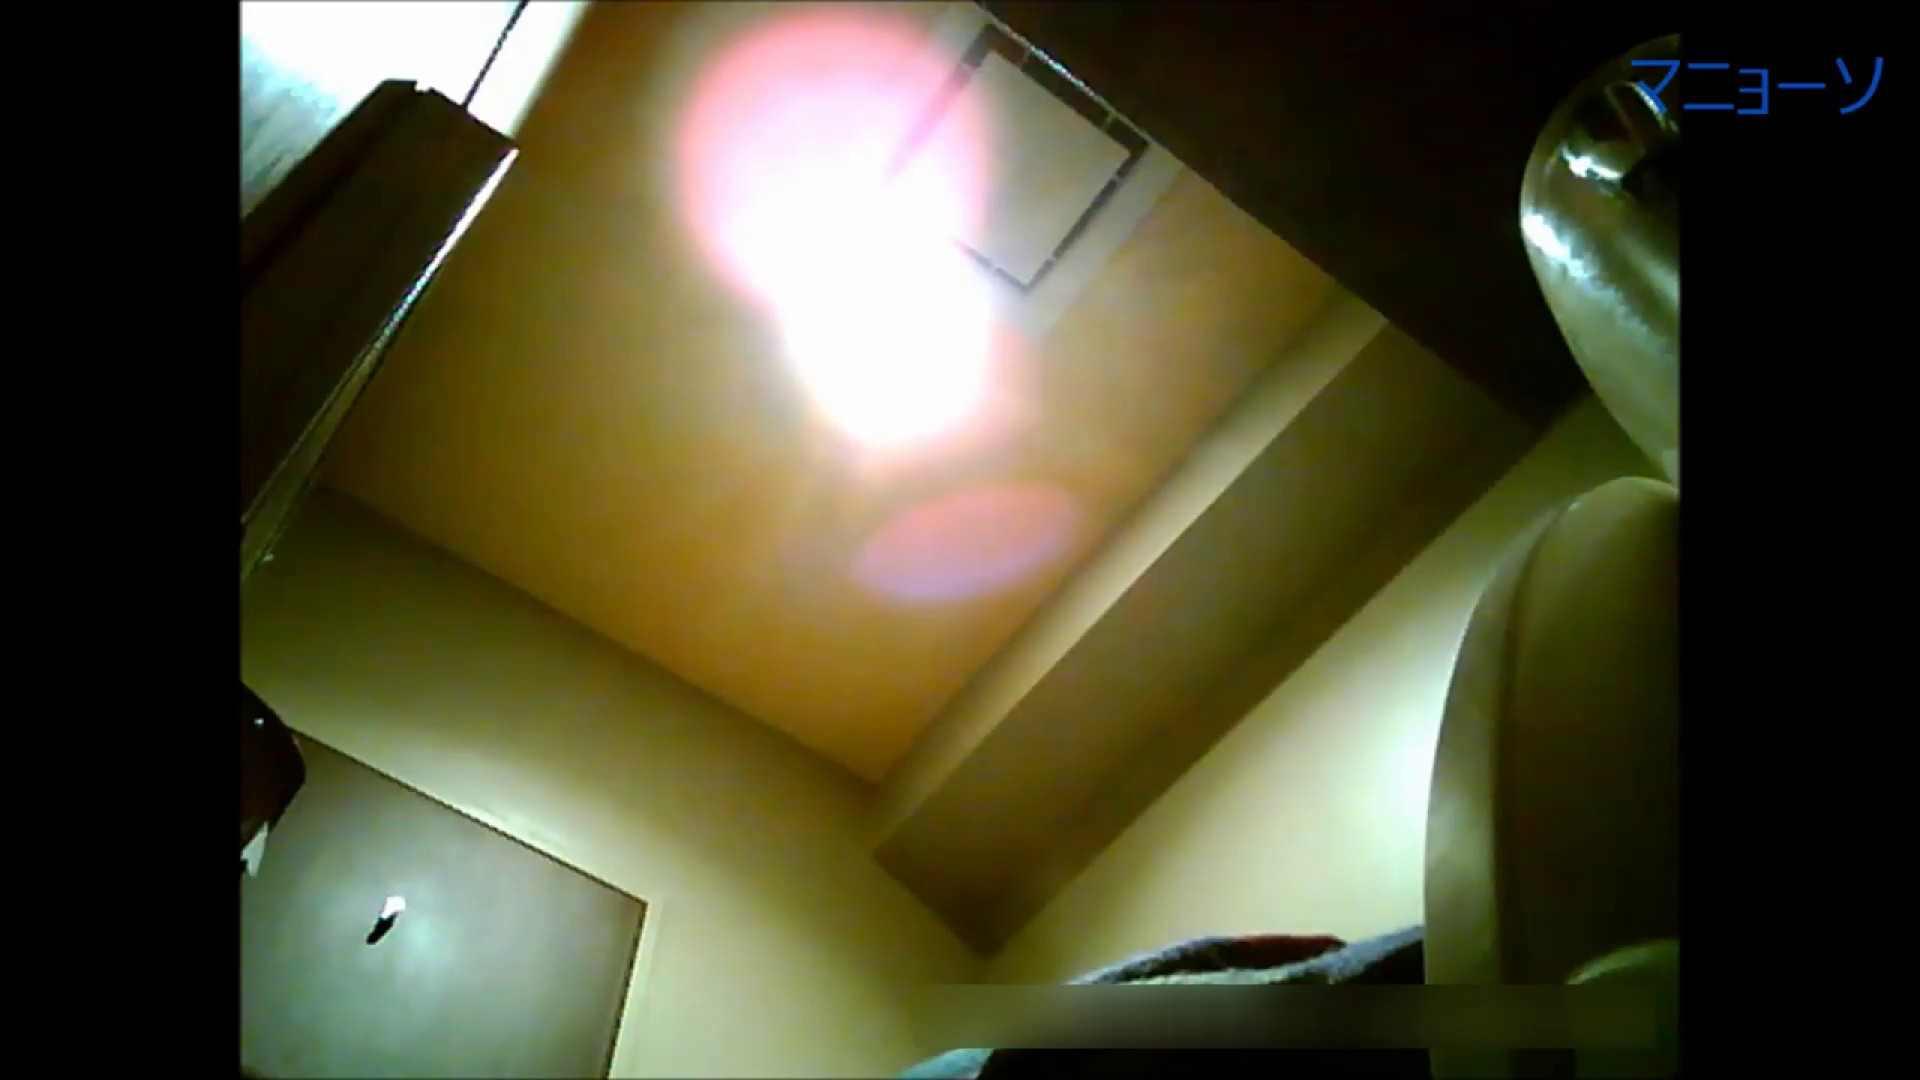 トイレでひと肌脱いでもらいました (JD編)Vol.02 トイレ  80pic 24